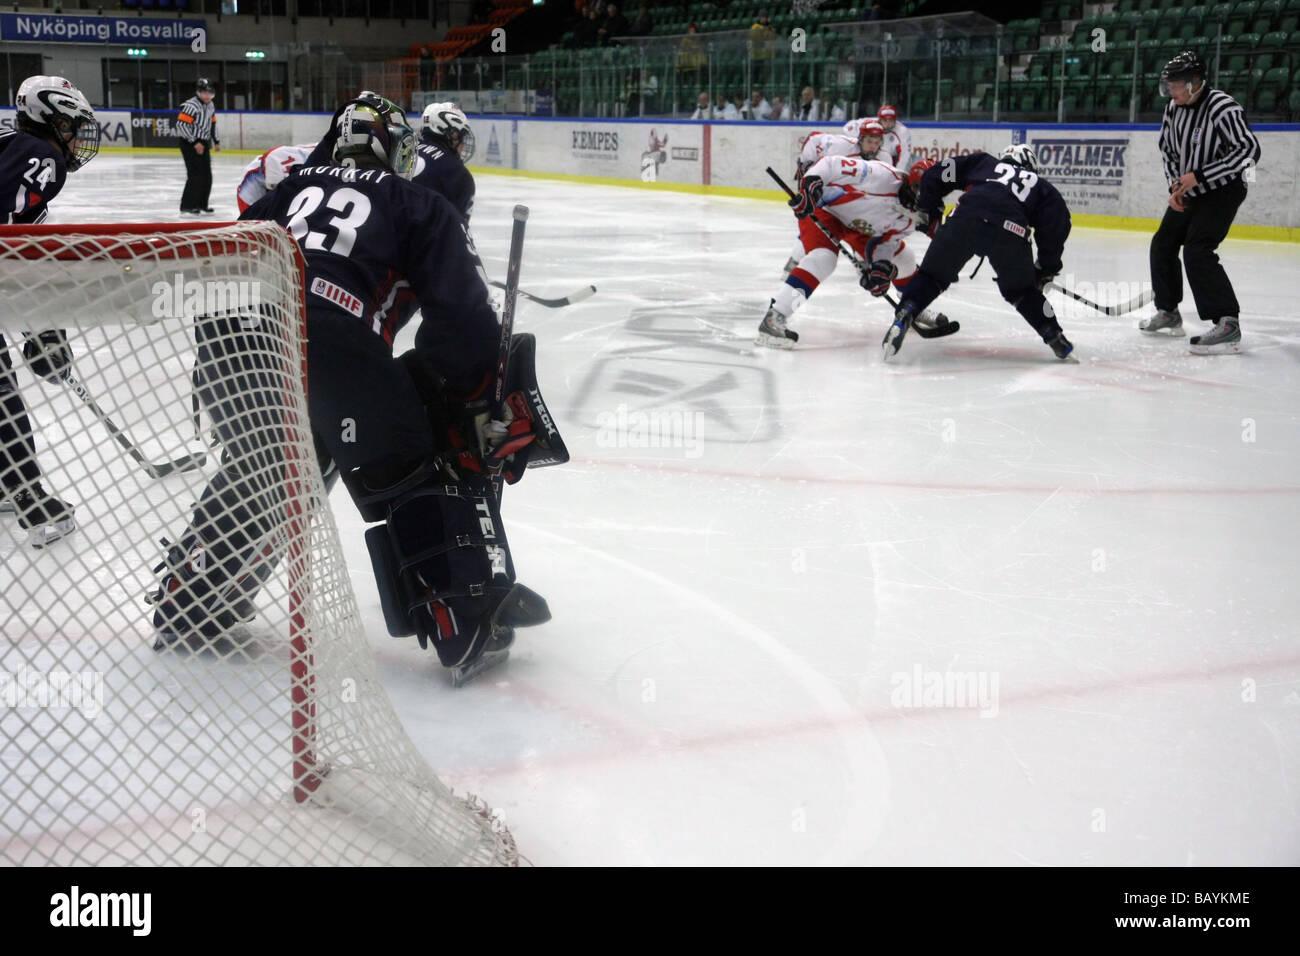 U18 juego de hockey sobre hielo entre Estados Unidos y Rusia. Imagen De Stock